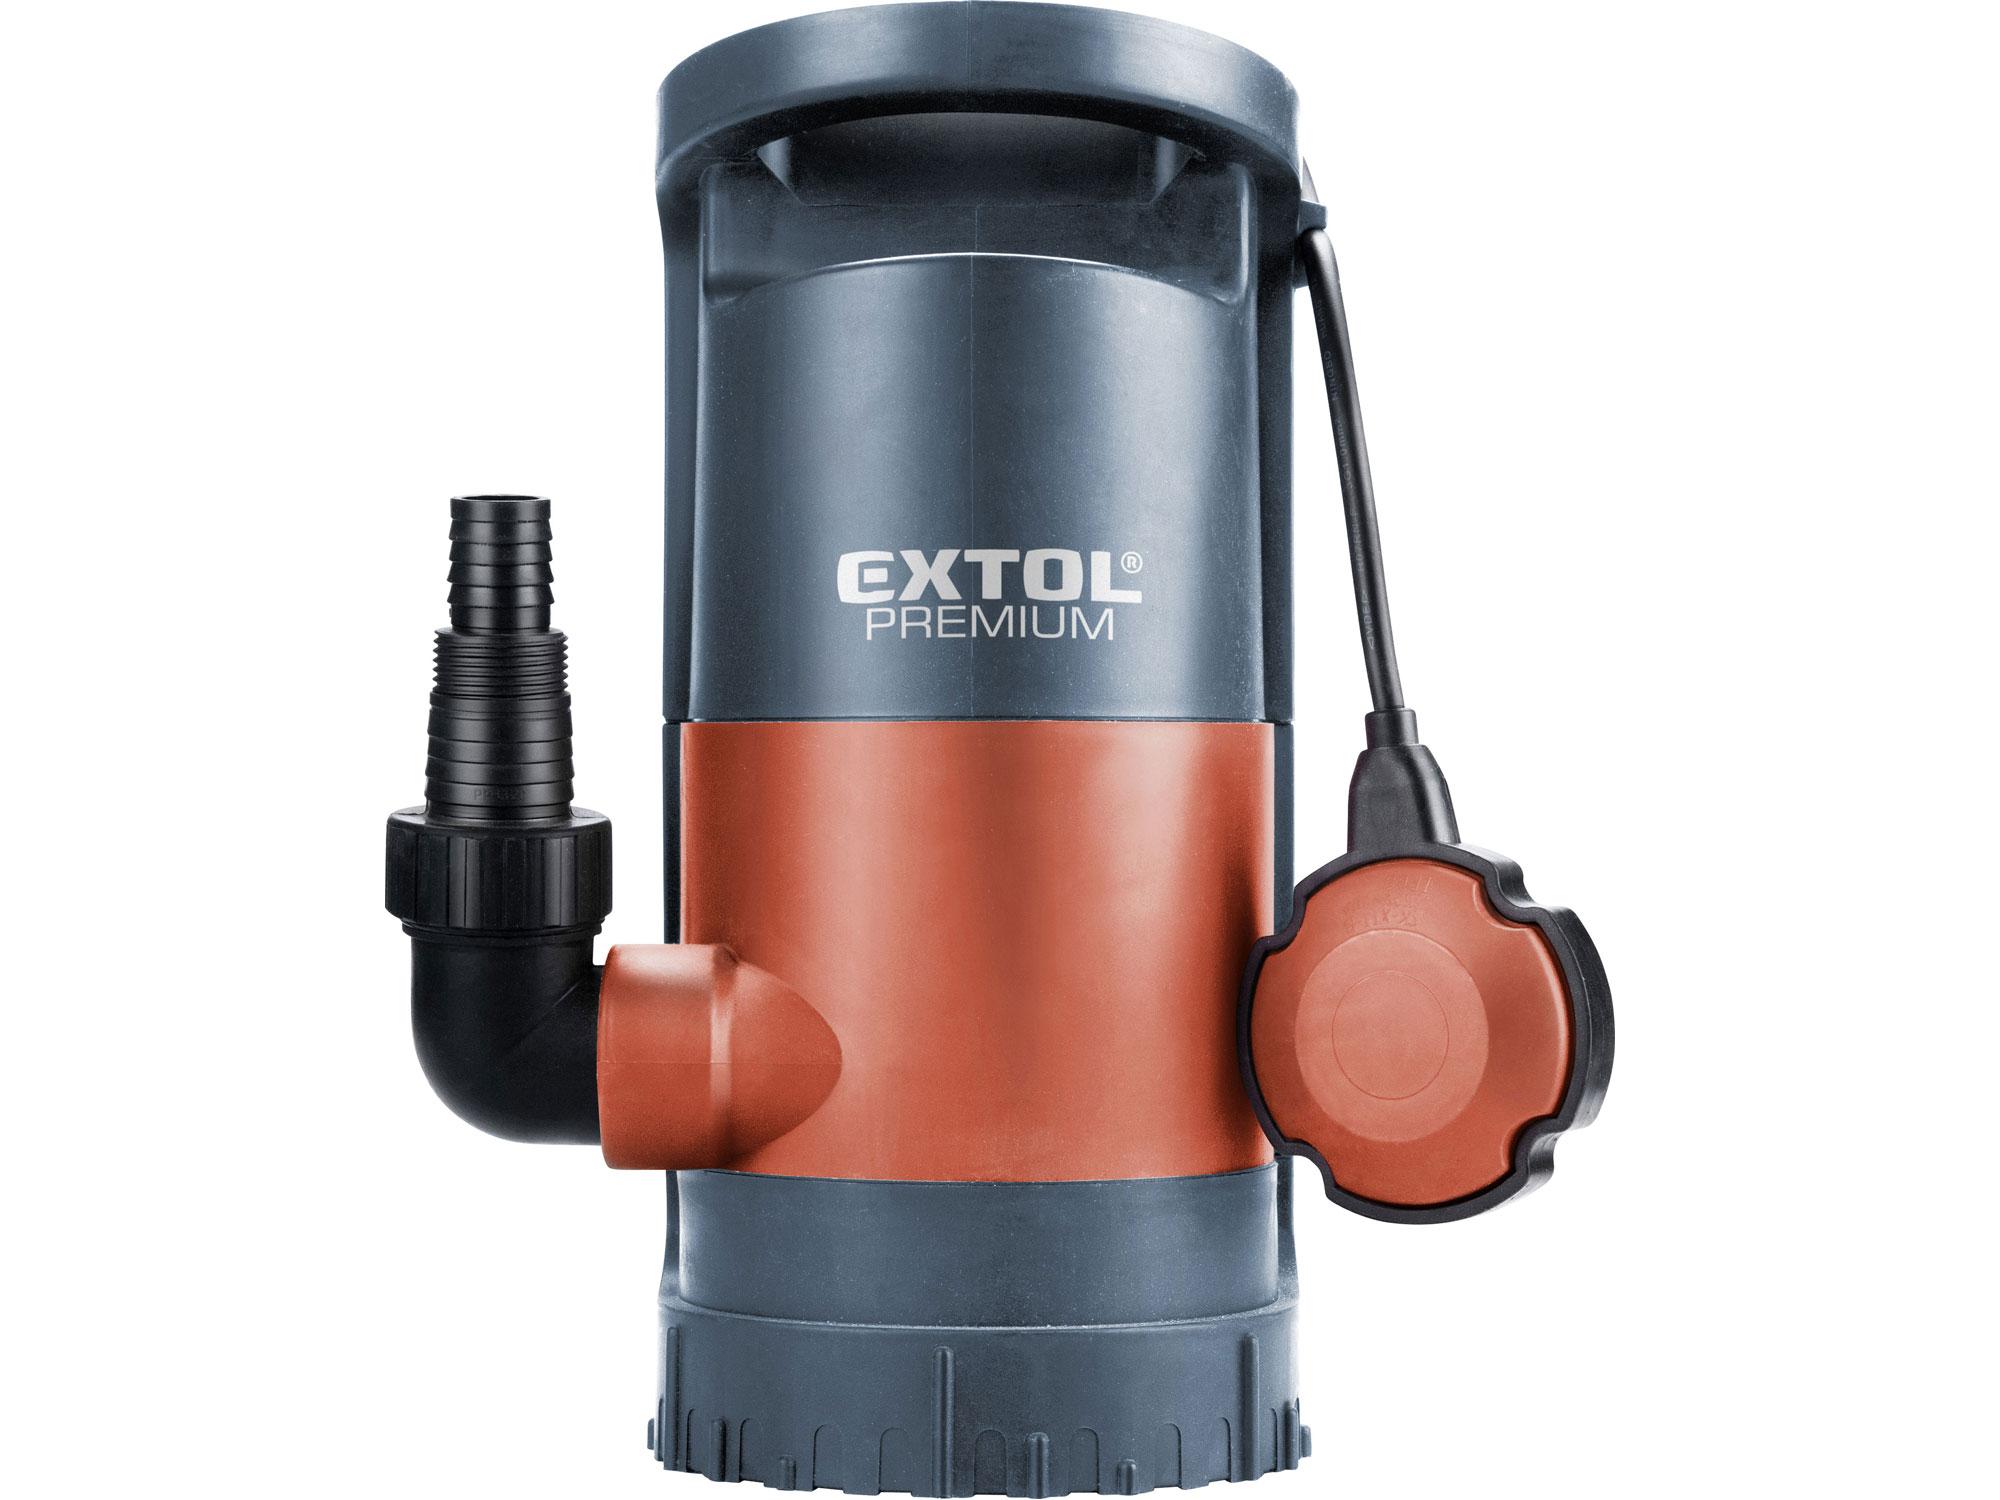 Čerpadlo na znečištěnou vodu 3v1, 900W, 13000l/h SP 900 EXTOL PREMIUM 8895013